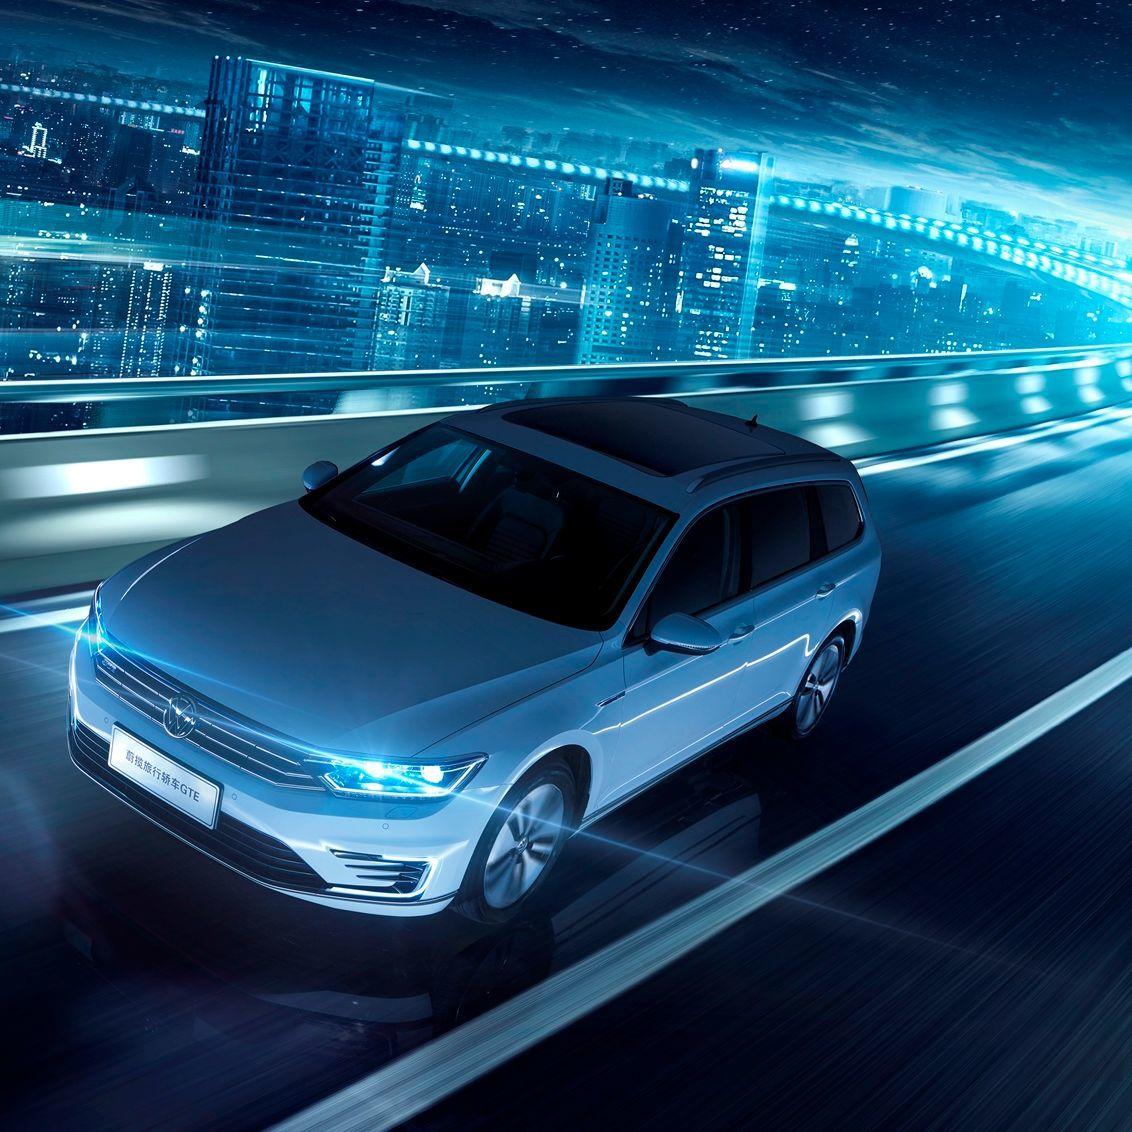 旅行情懷的又一場革命 Volkswagen Varlant GTE